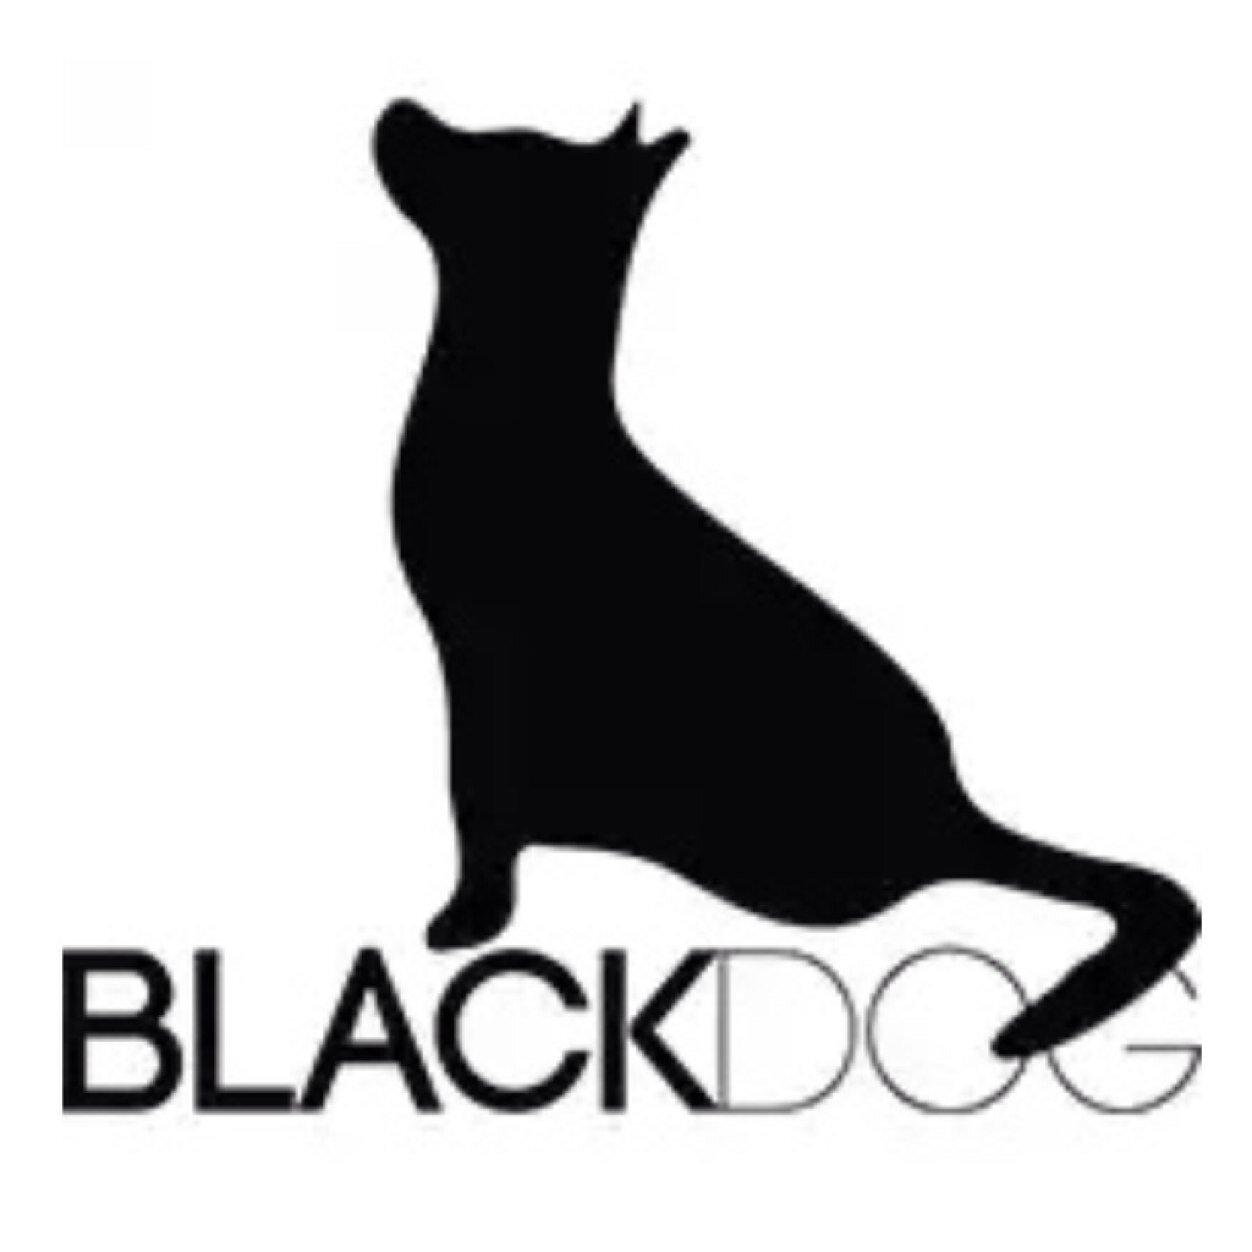 Blackdogvfx